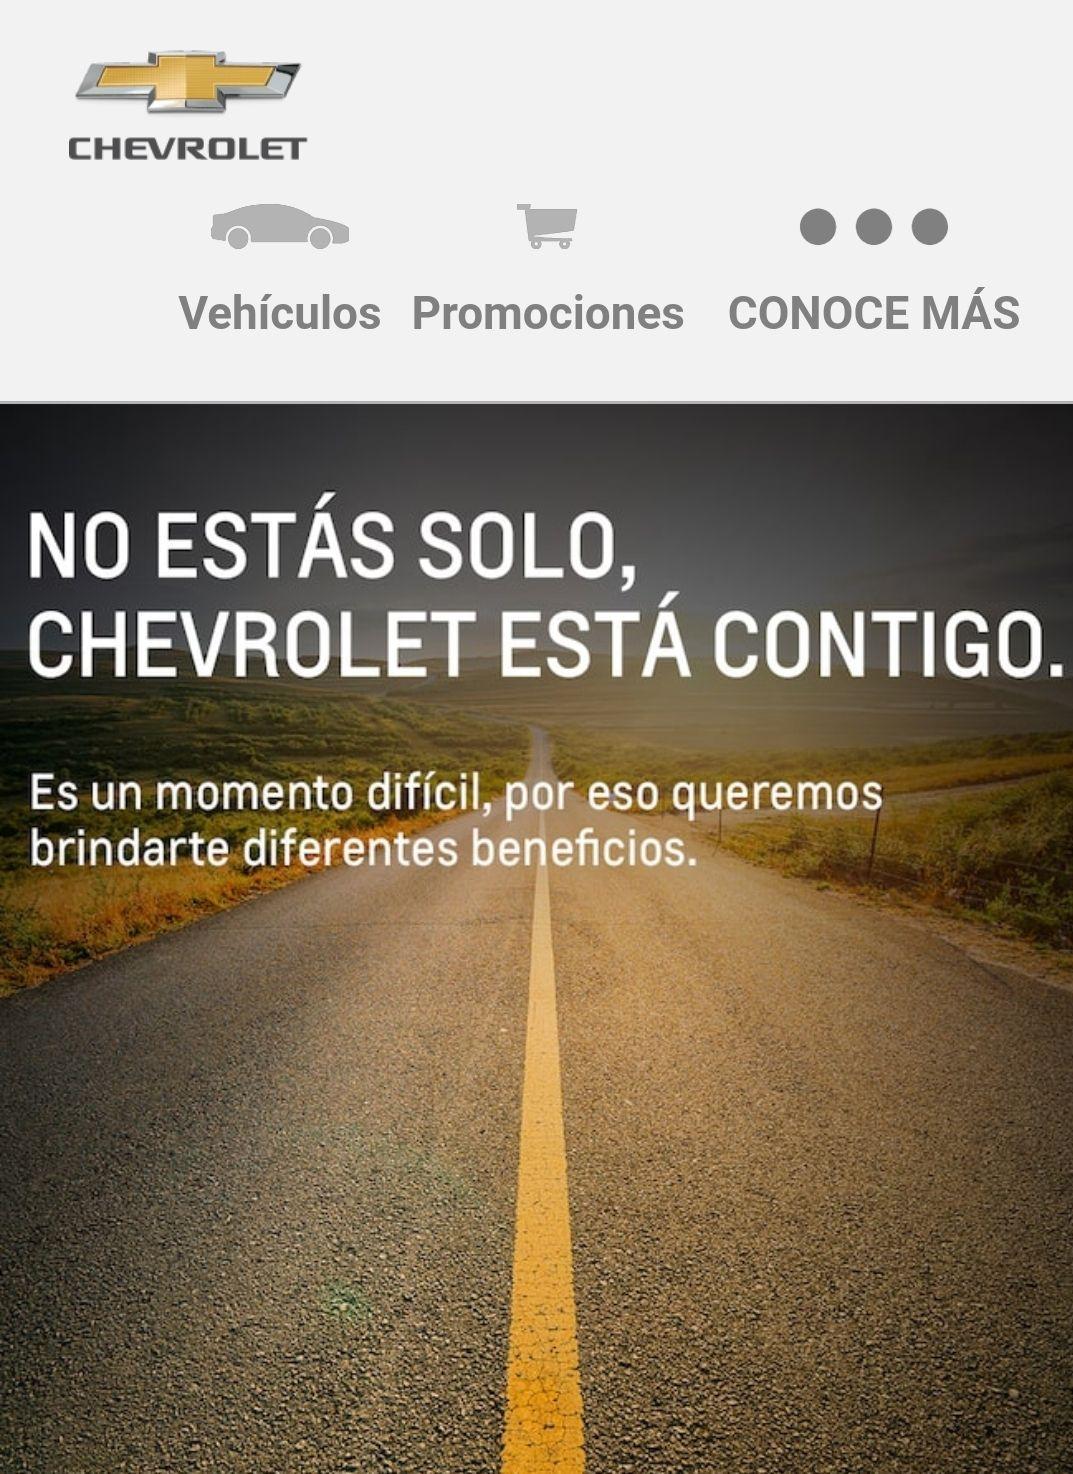 Chevrolet: plan de contingencia